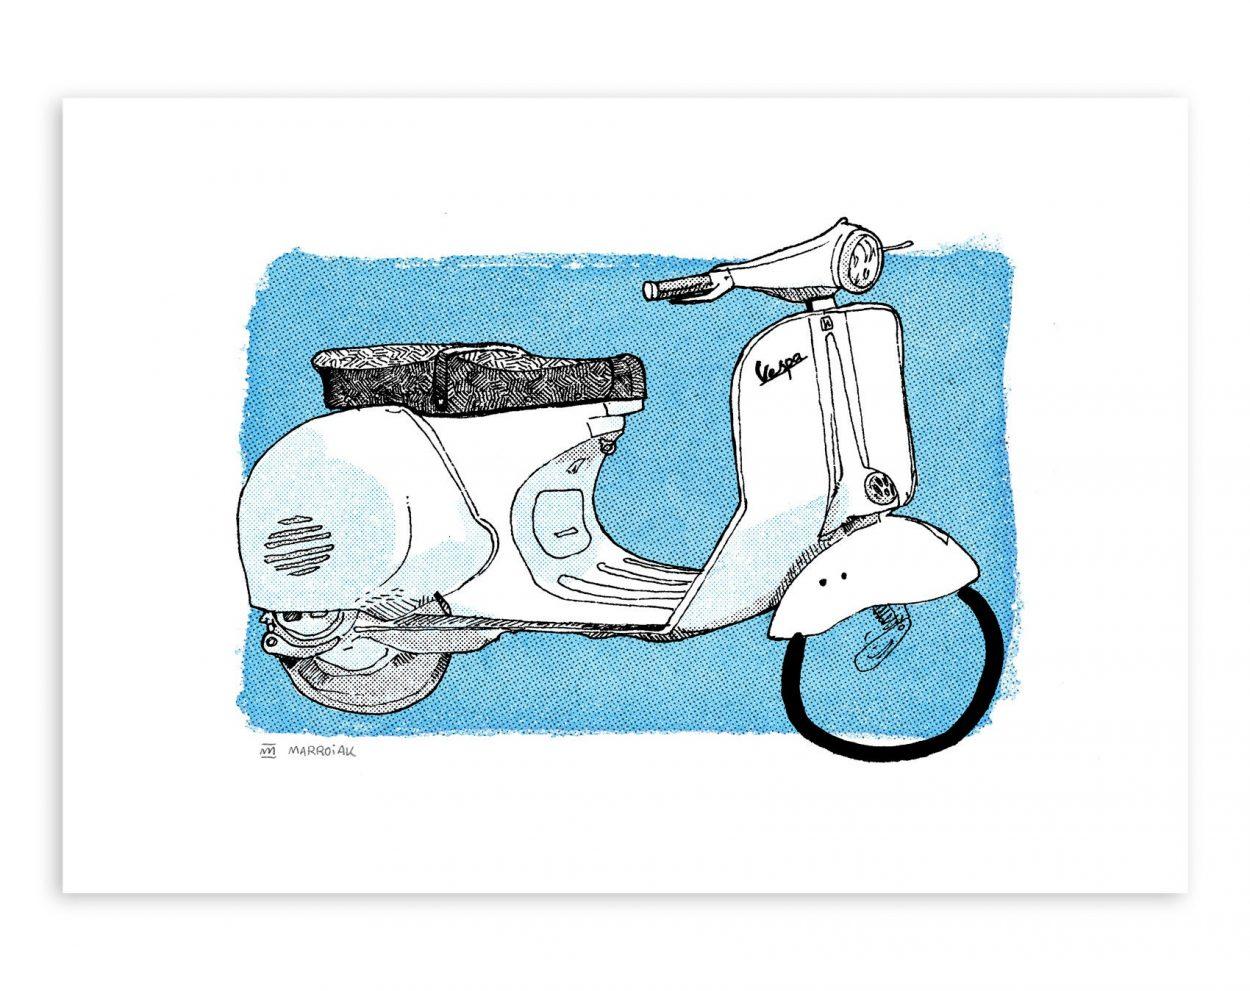 Illustración moto vespa